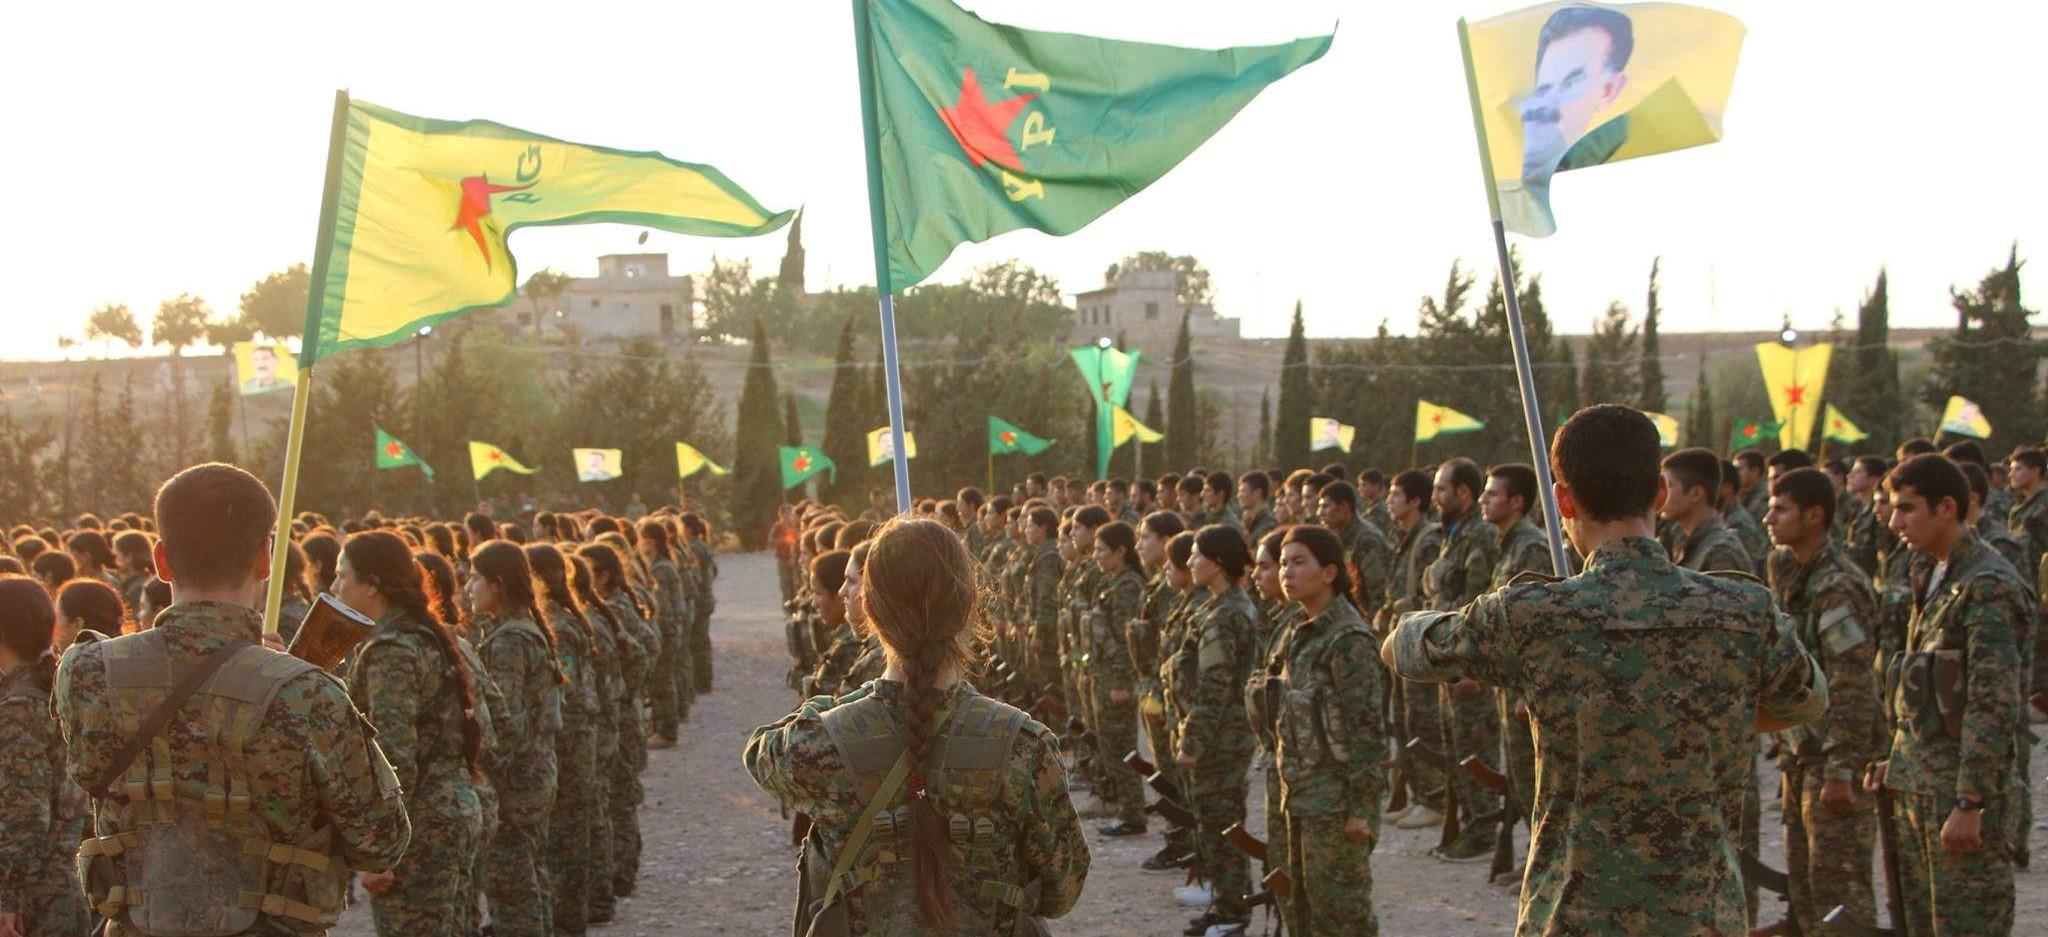 Photo: Kurdishstruggle/Flickr